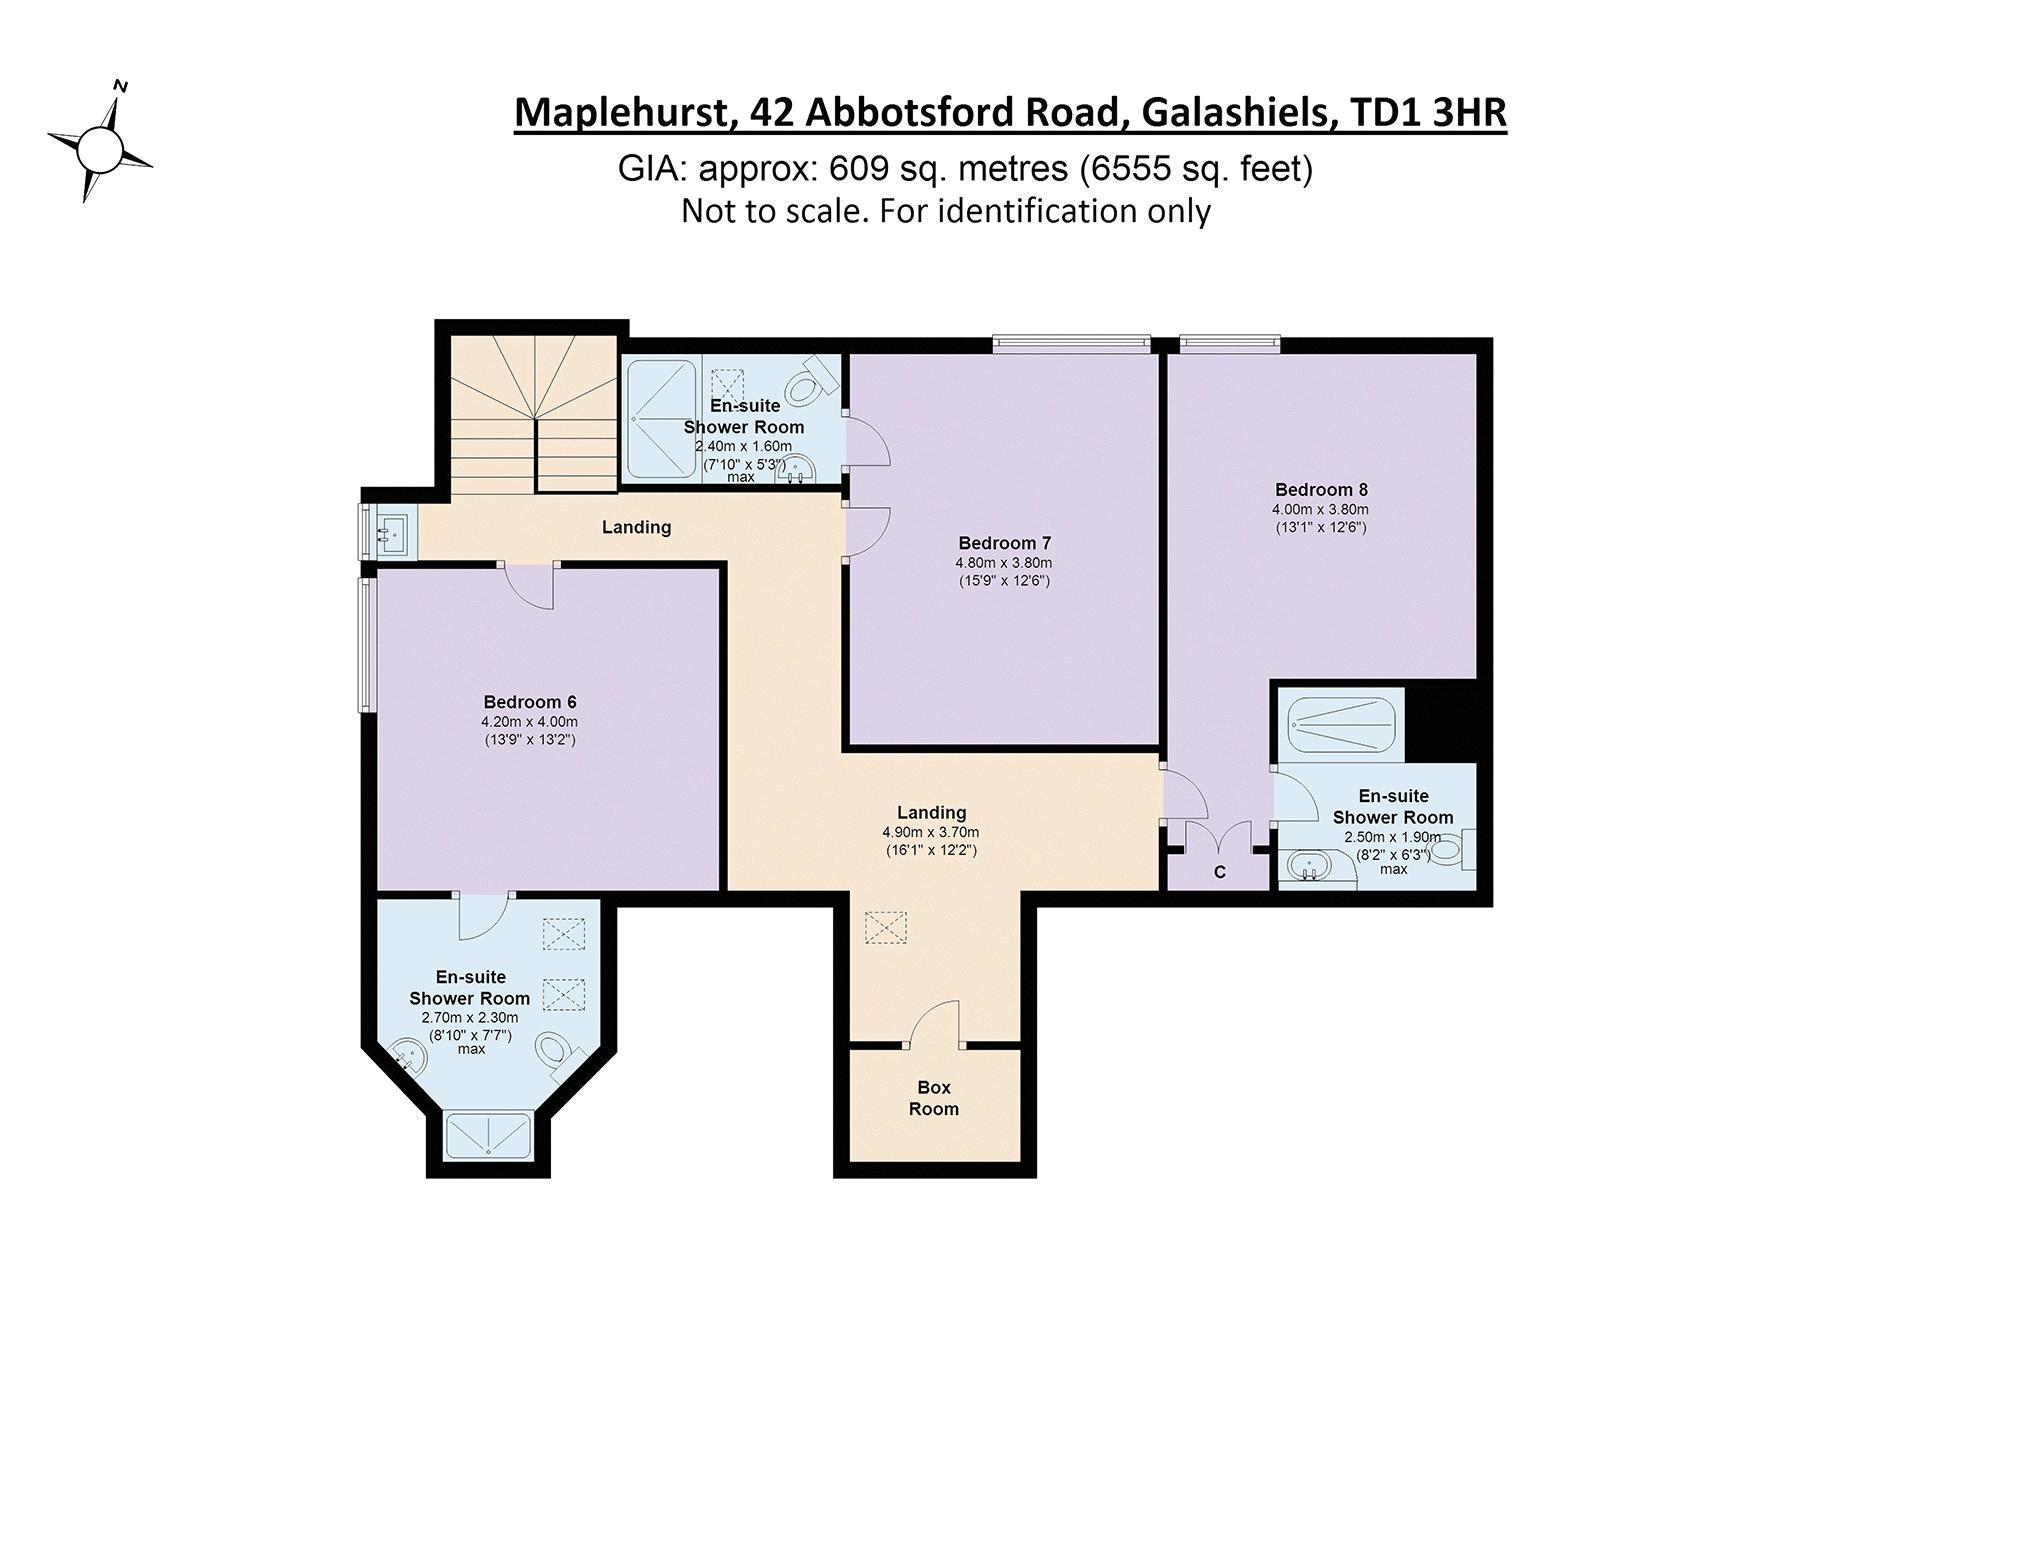 Maplehurst Second Floor